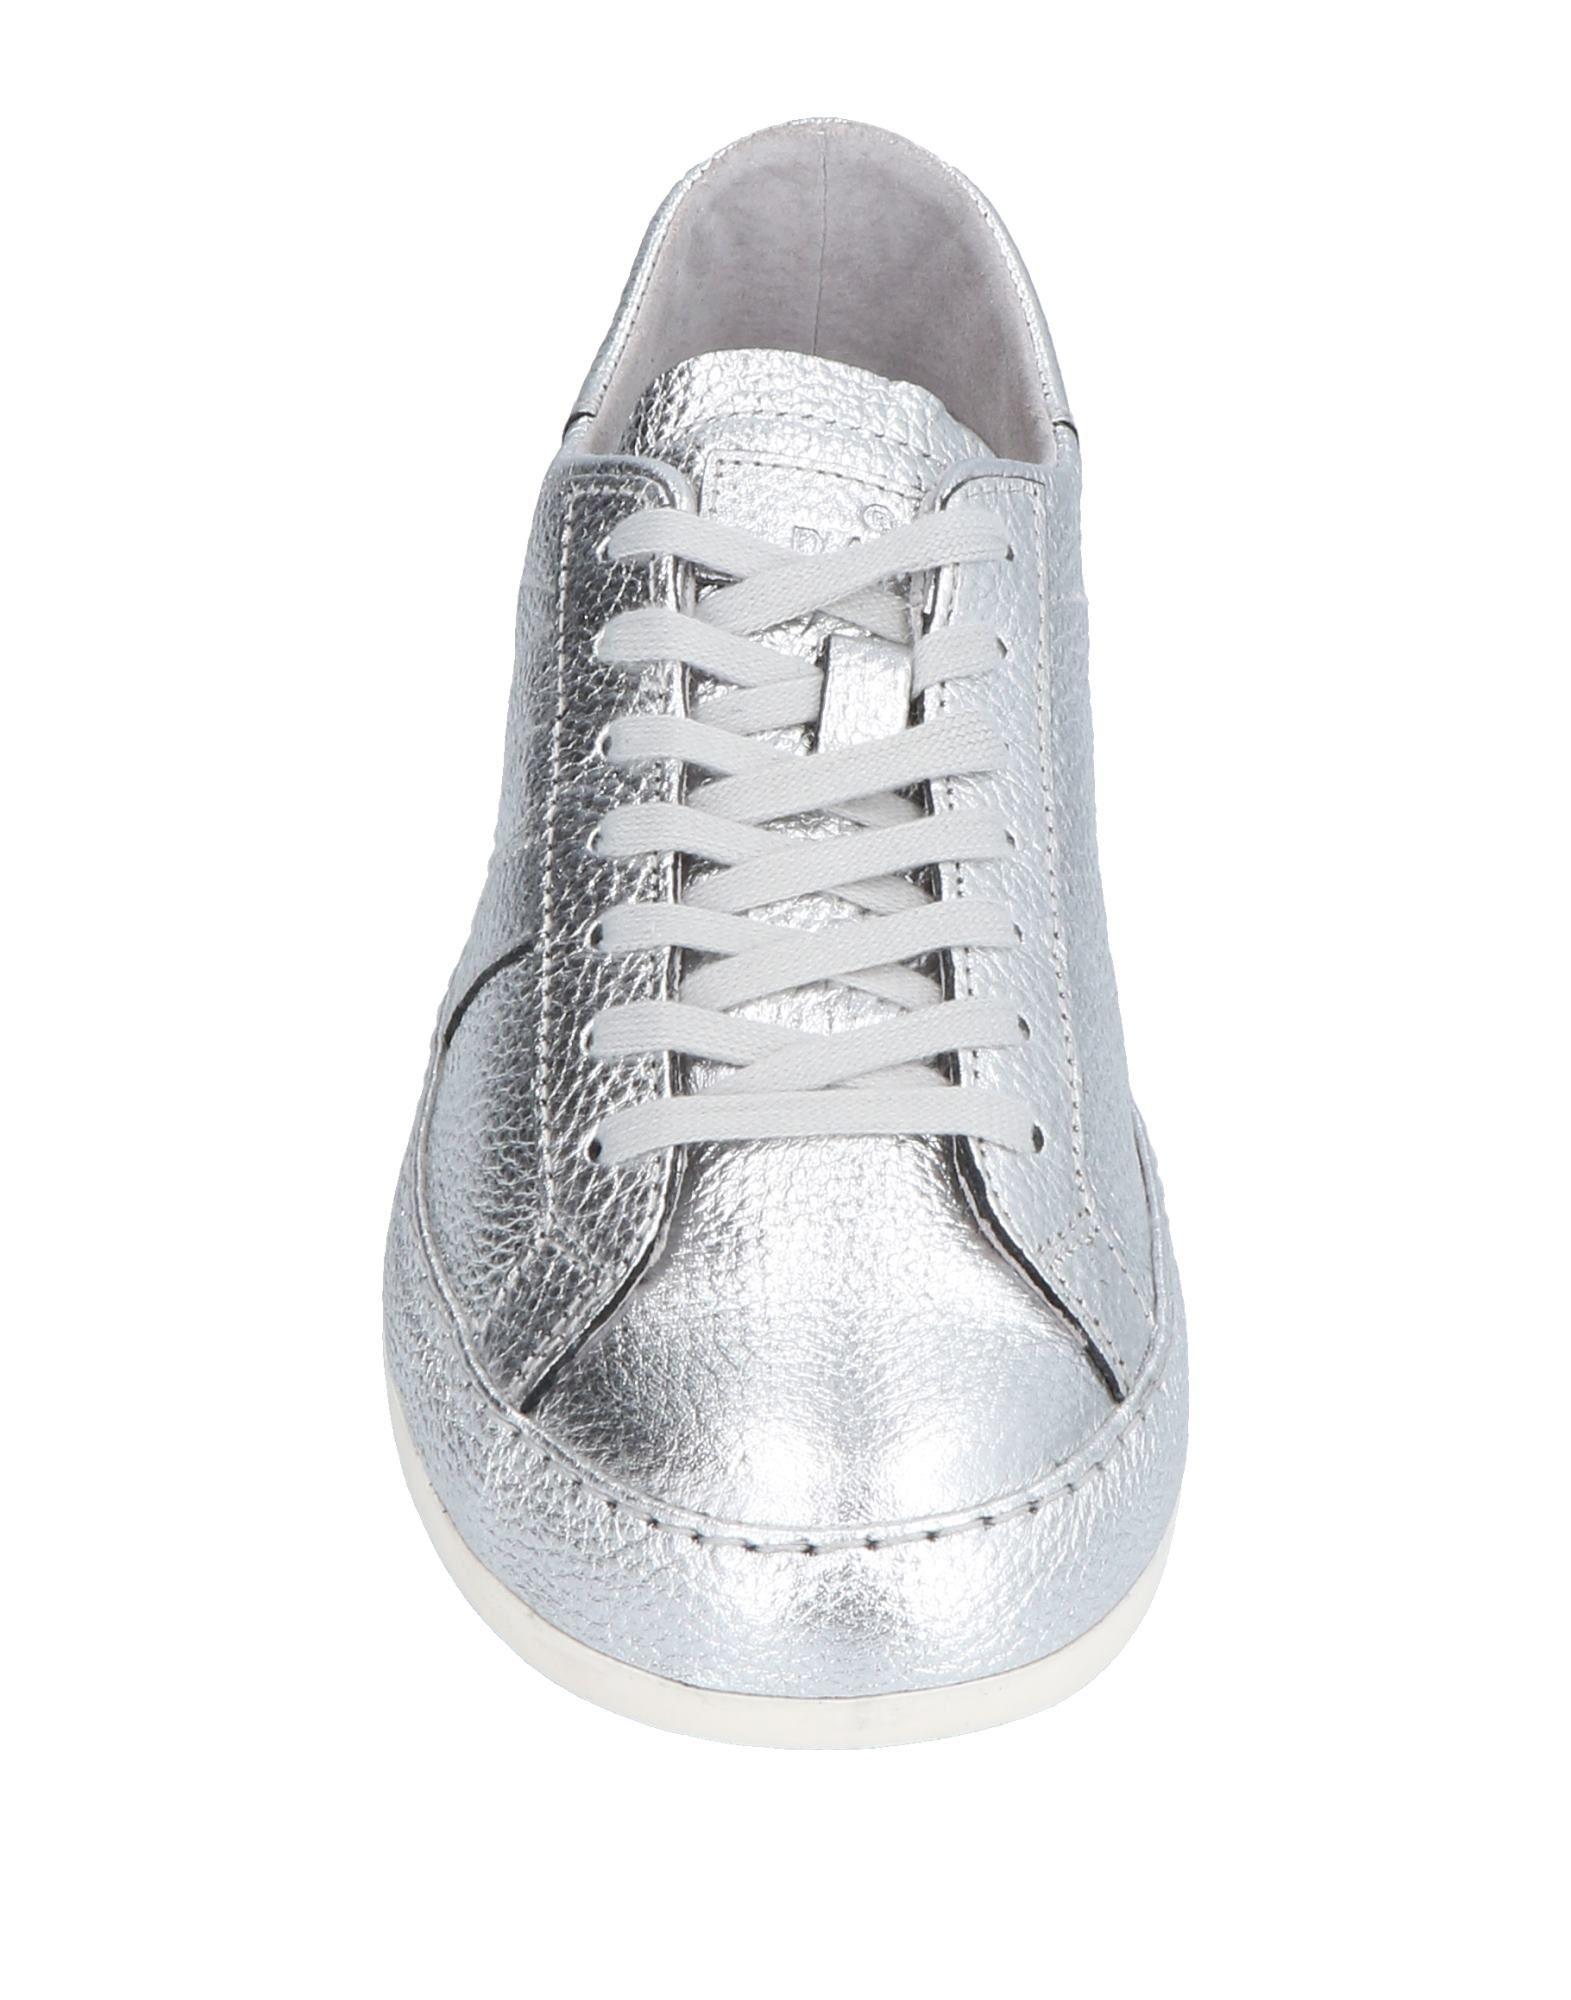 Gut um billige Damen Schuhe zu tragenD.A.T.E. Sneakers Damen billige  11492405AR 5c566f